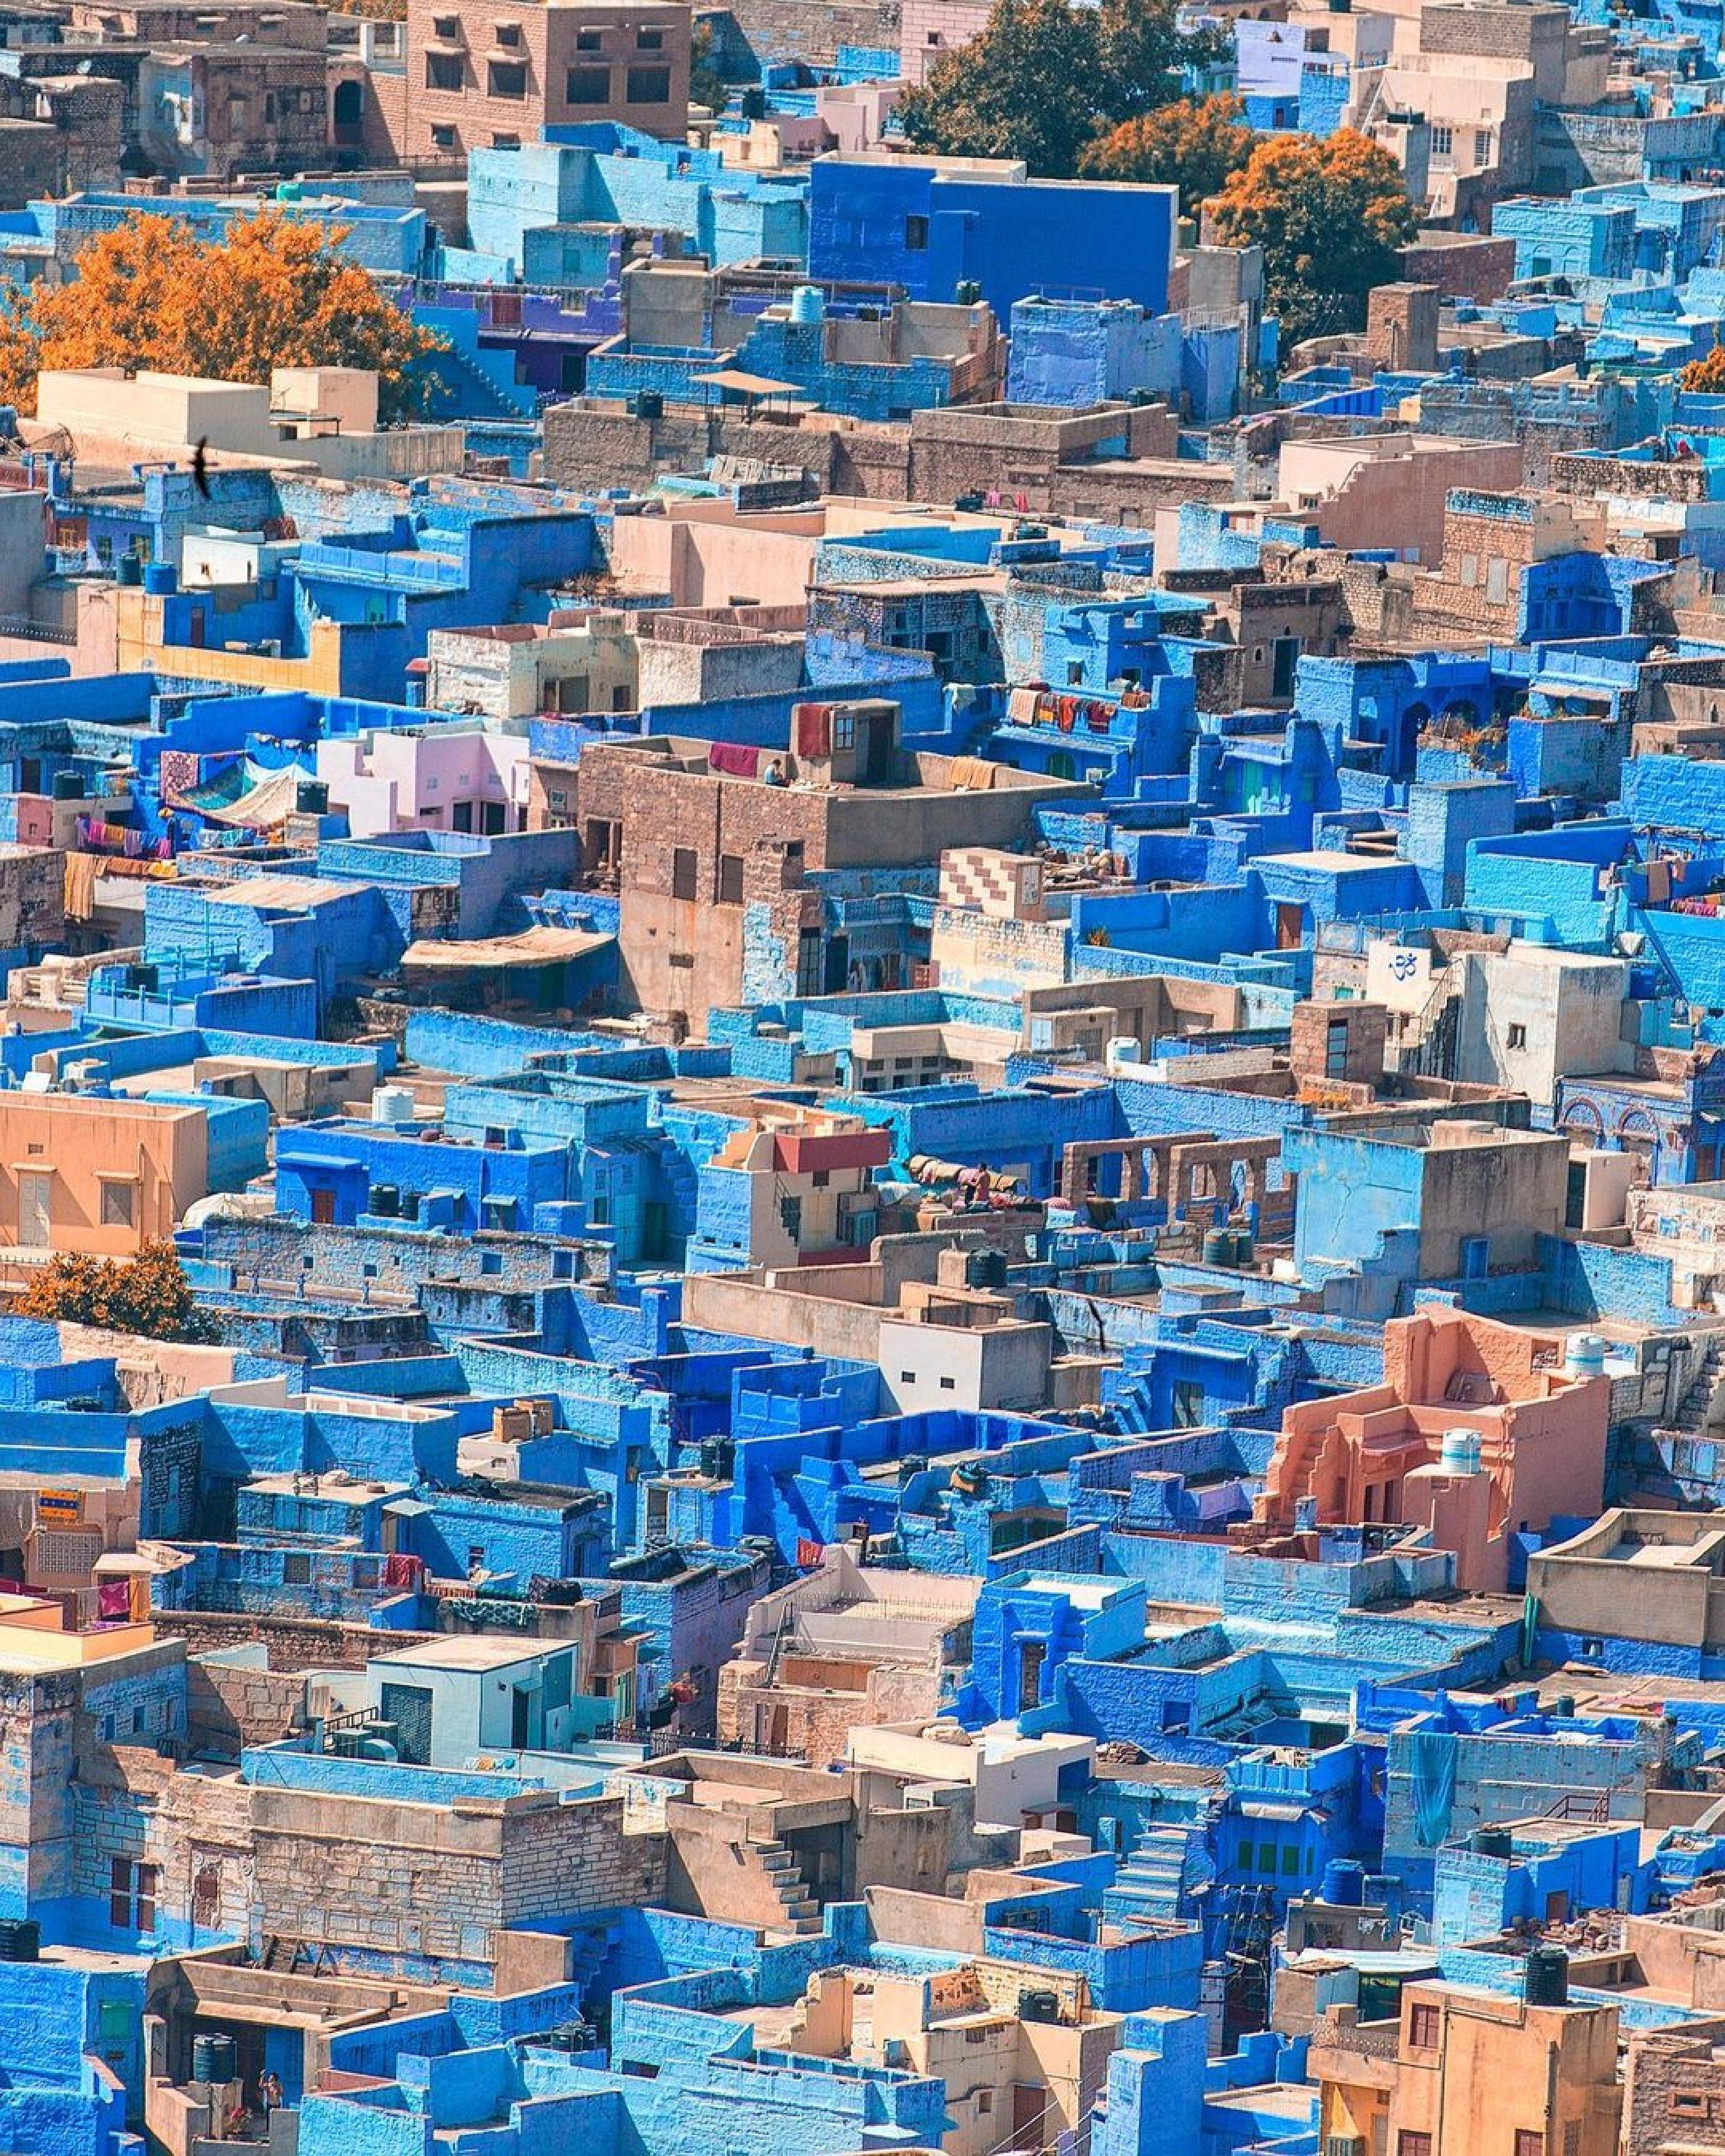 pexels-sharvan-saran-6473833